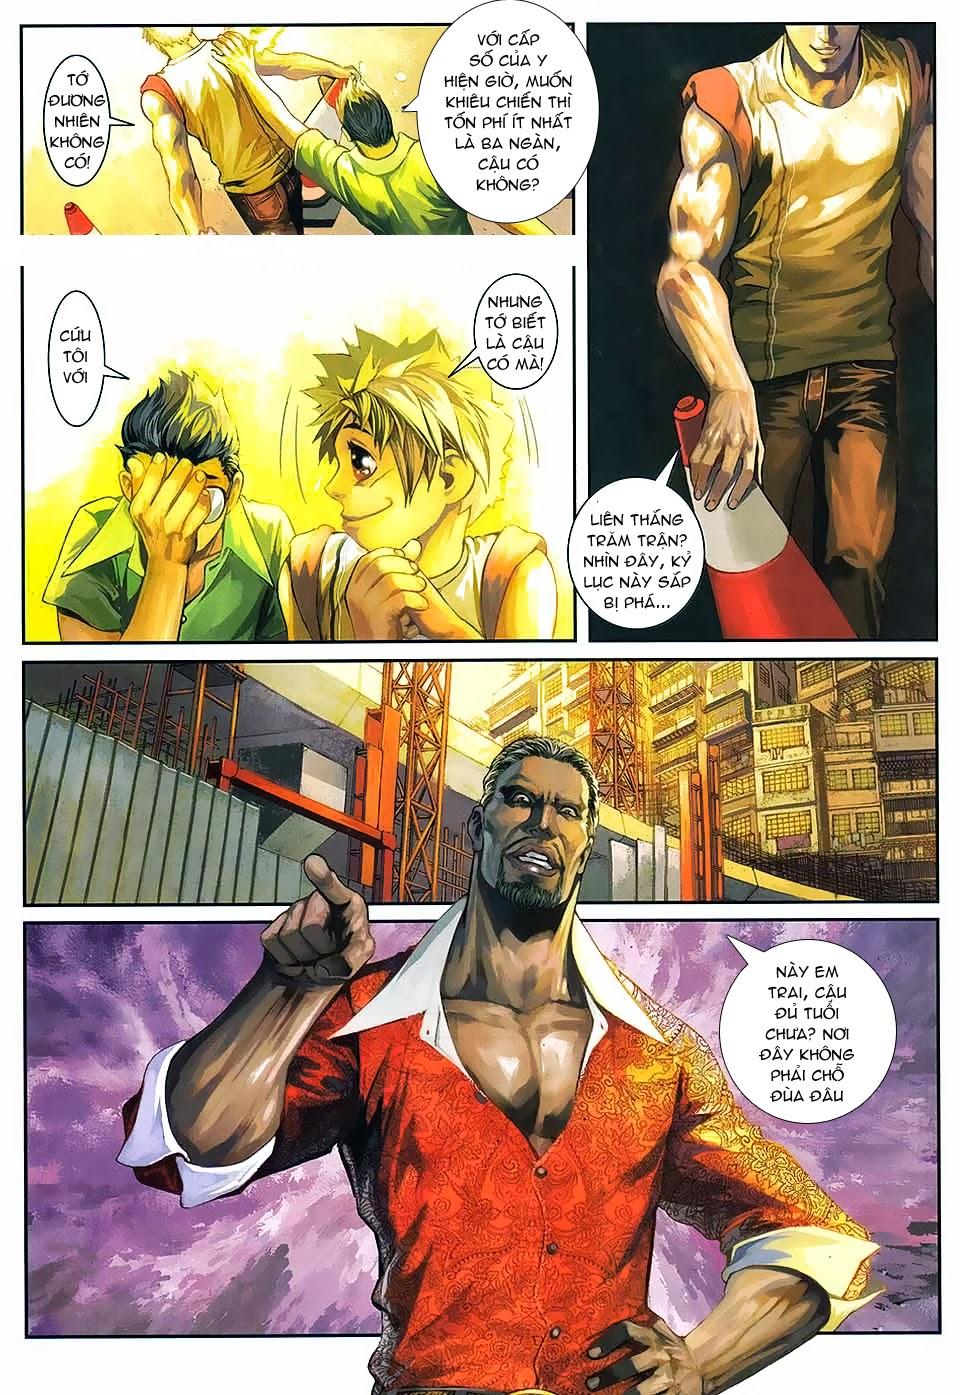 Quyền Đạo chapter 1 trang 18